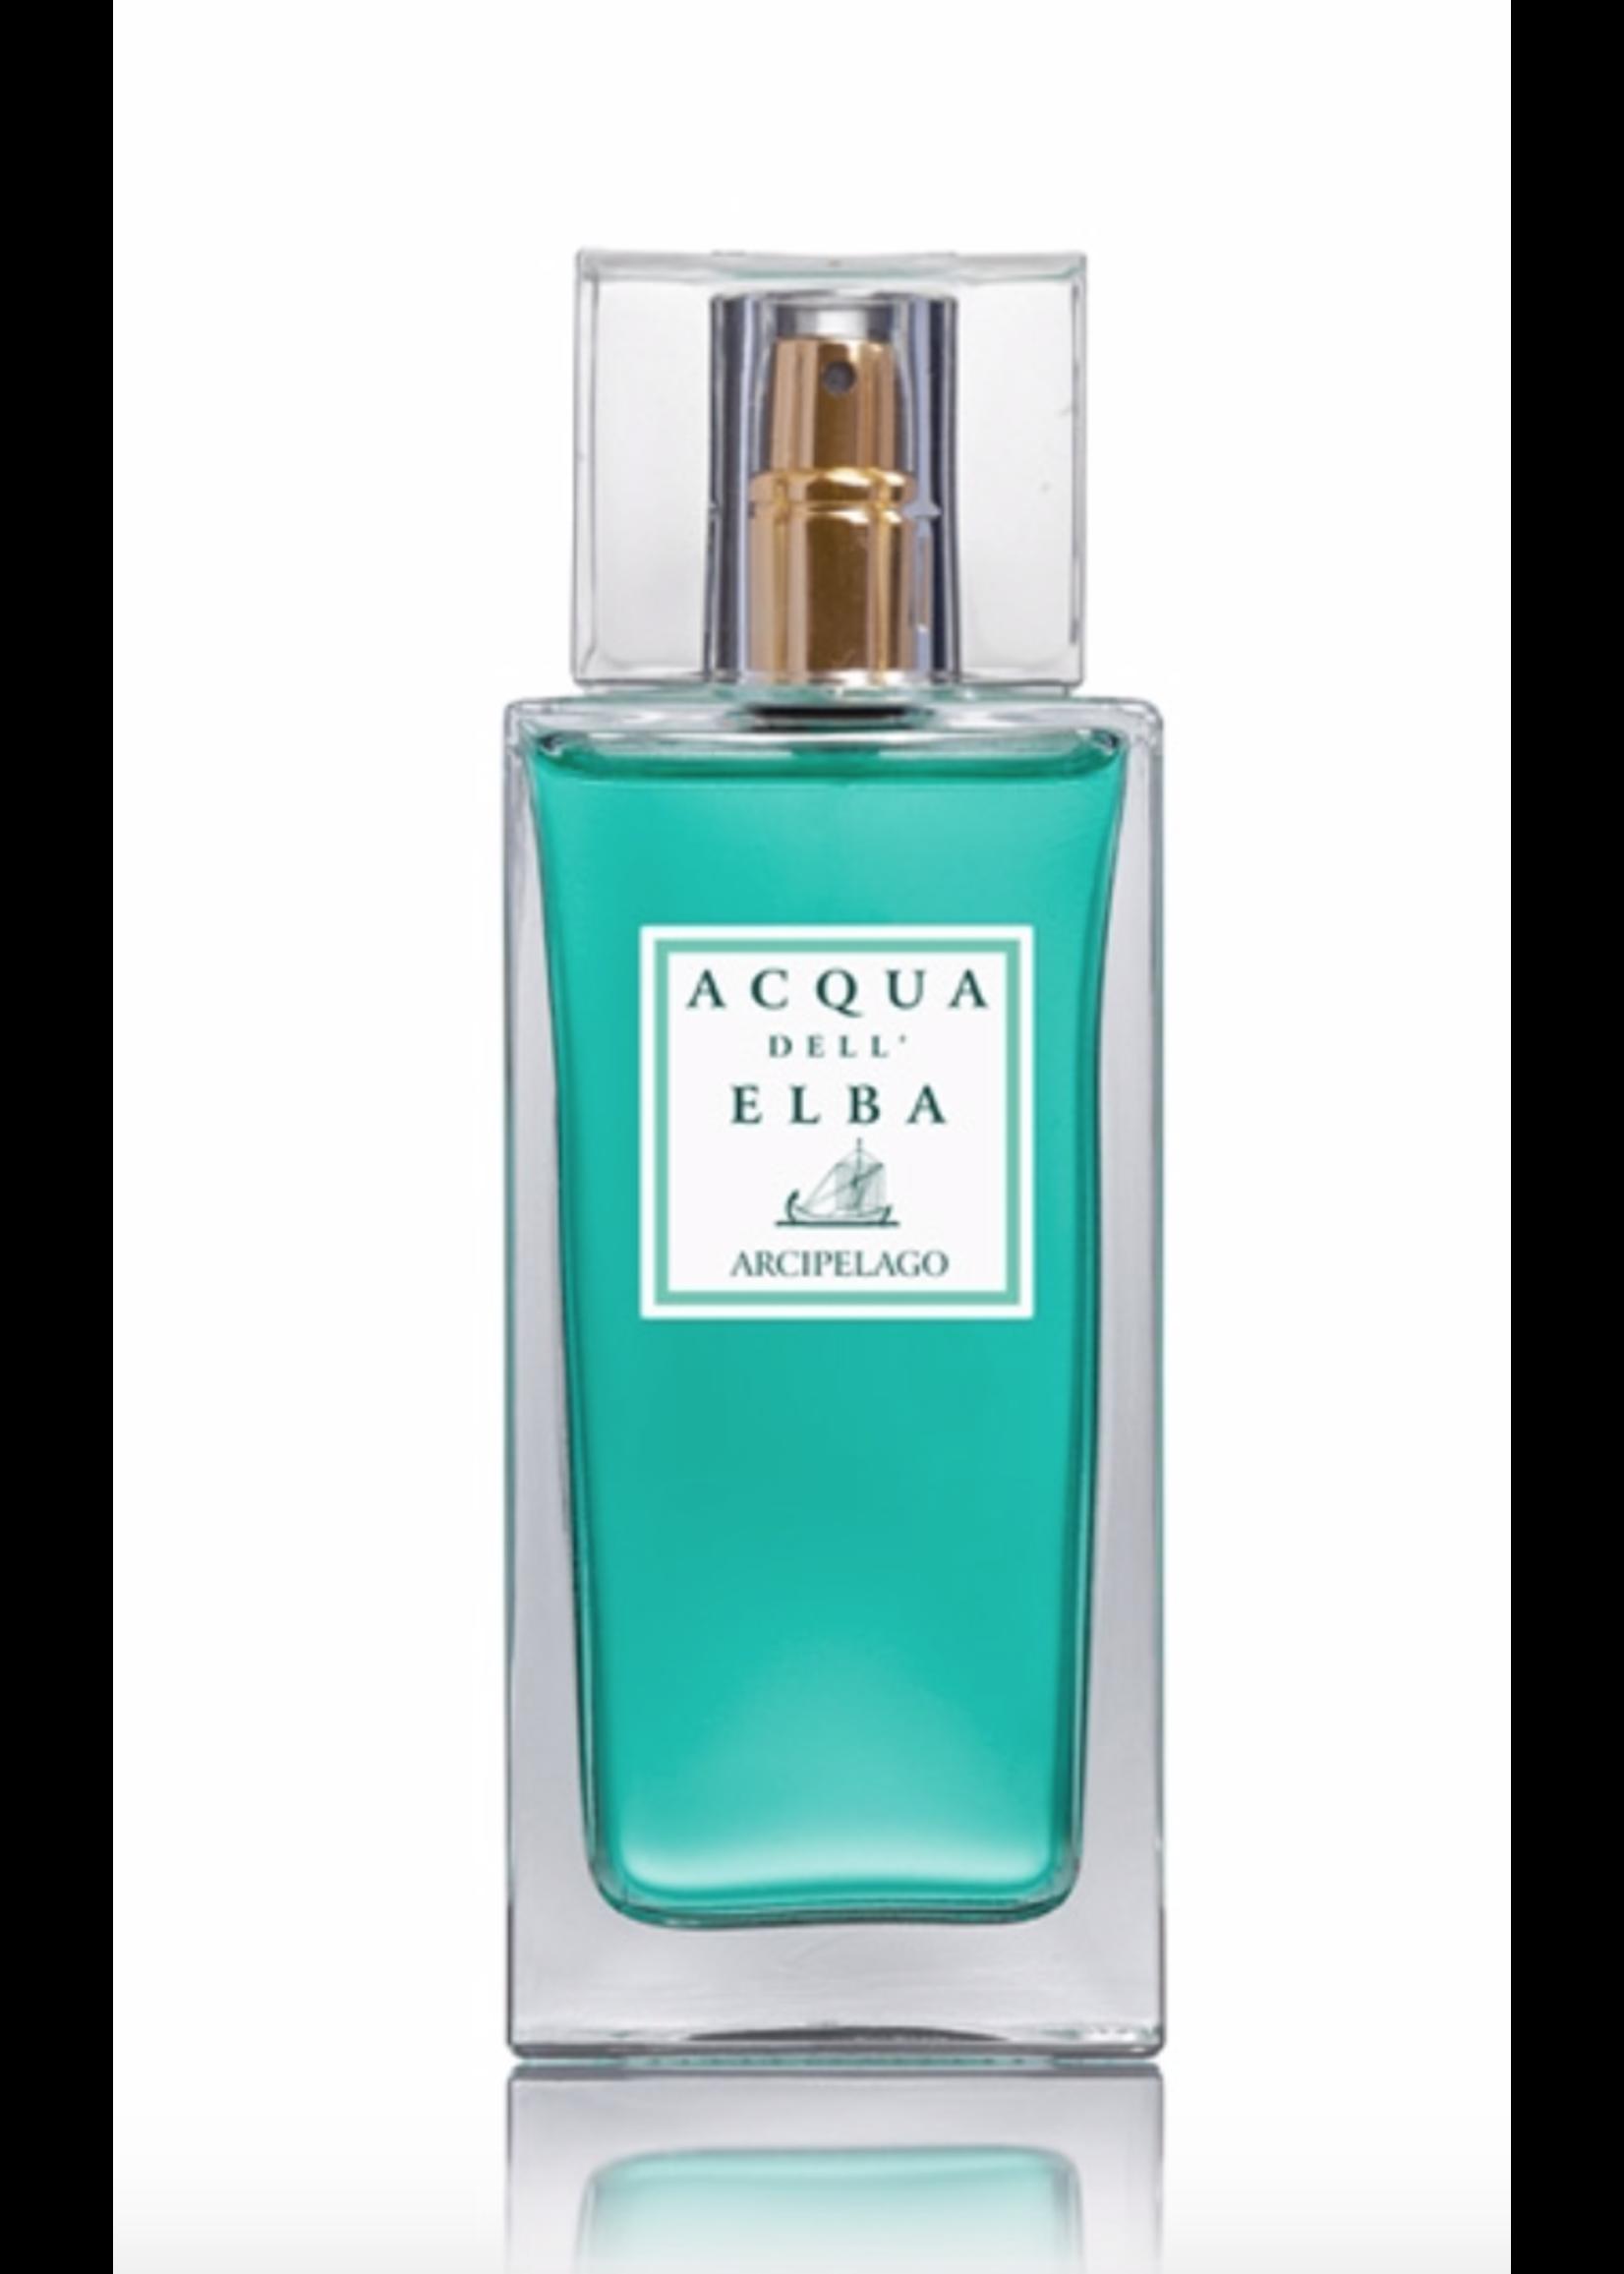 Acqua Dell Elba Acqua Dell' Elba Arcipelago Donna Eau de Parfum 50ml